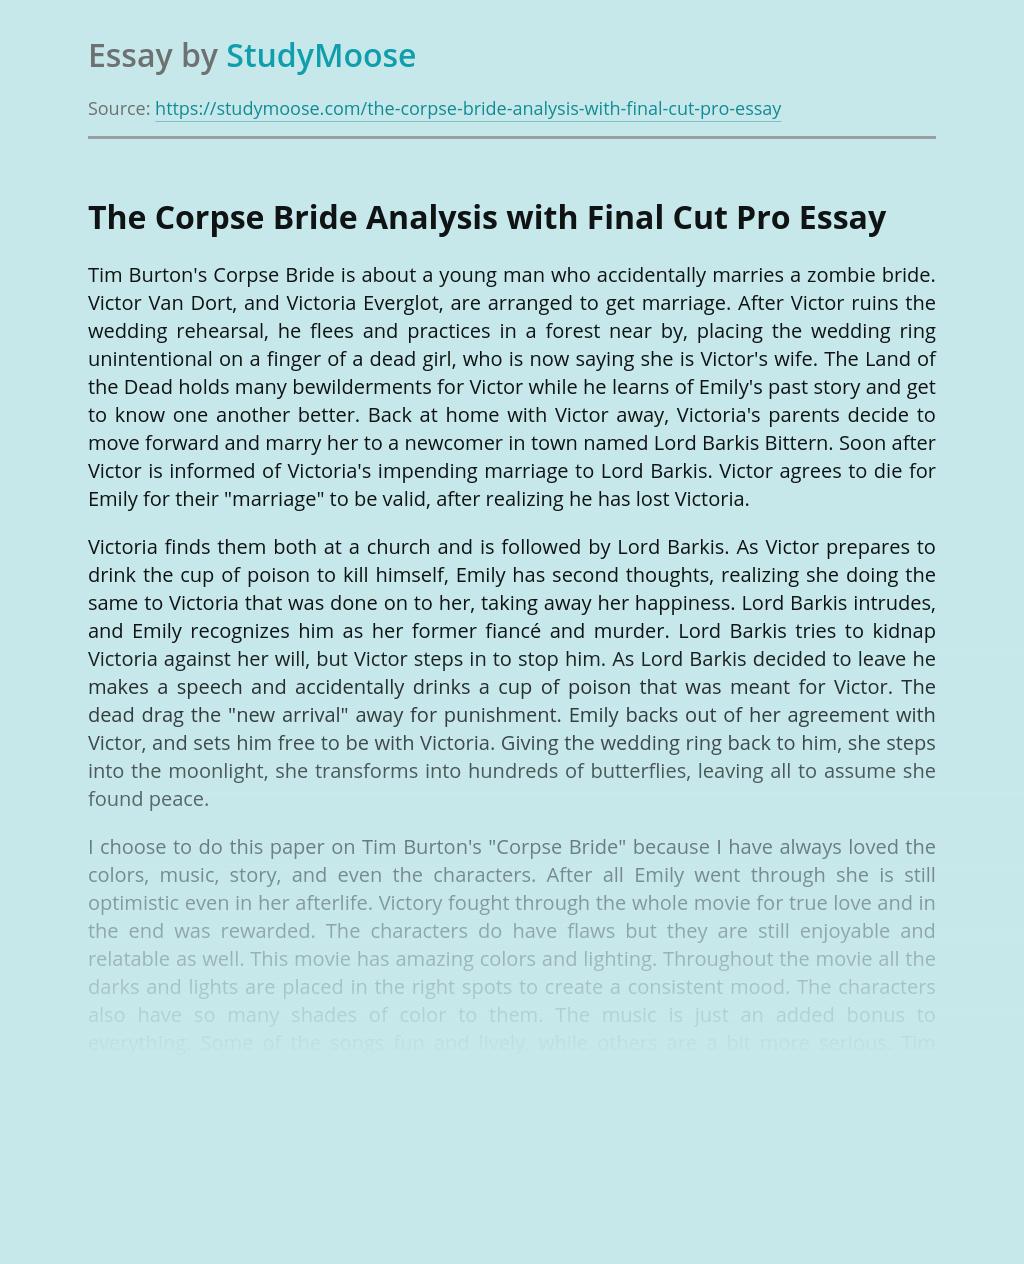 The Corpse Bride Animated Movie Analysis